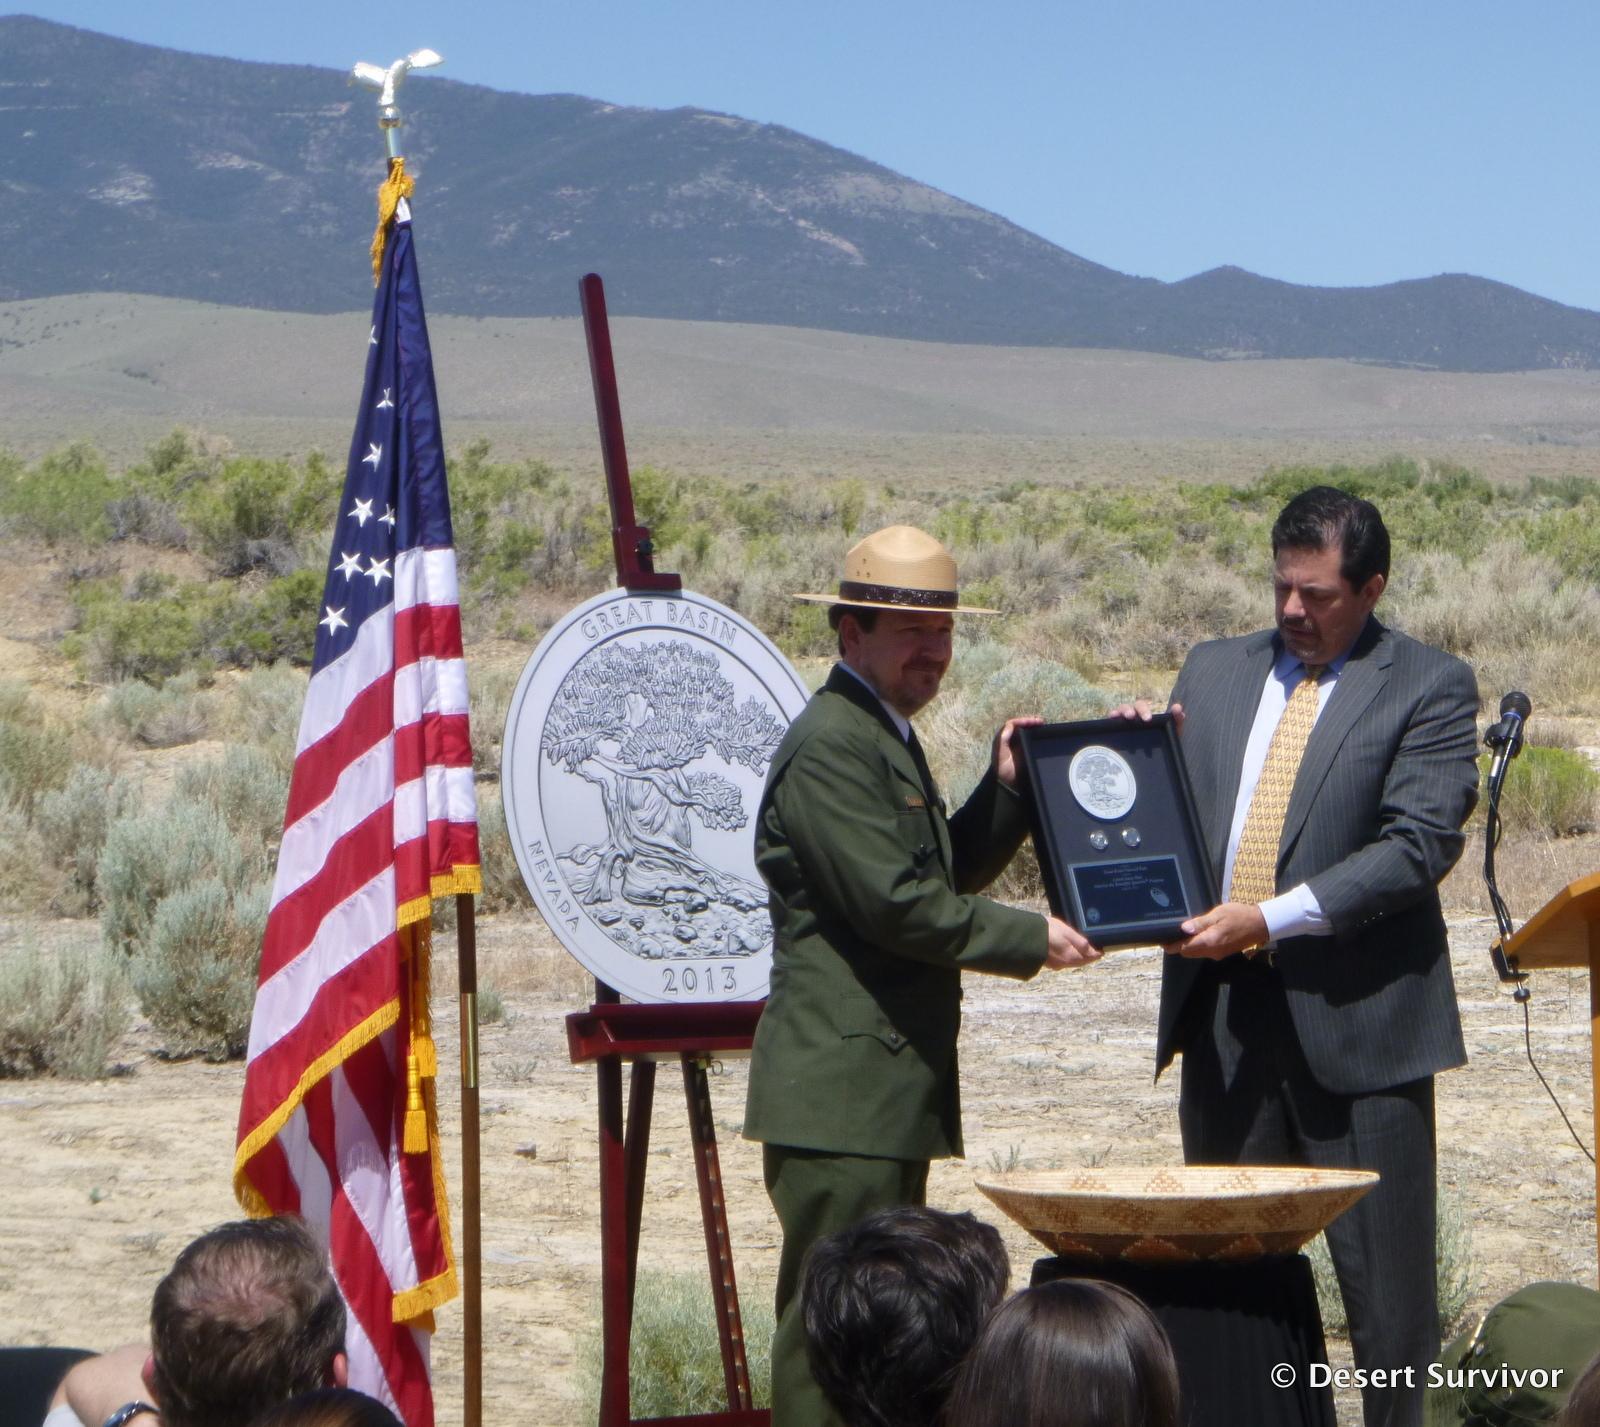 Fnb Bank Teller Kempton Park: Desert Survivor: Great Basin Quarter Ceremony